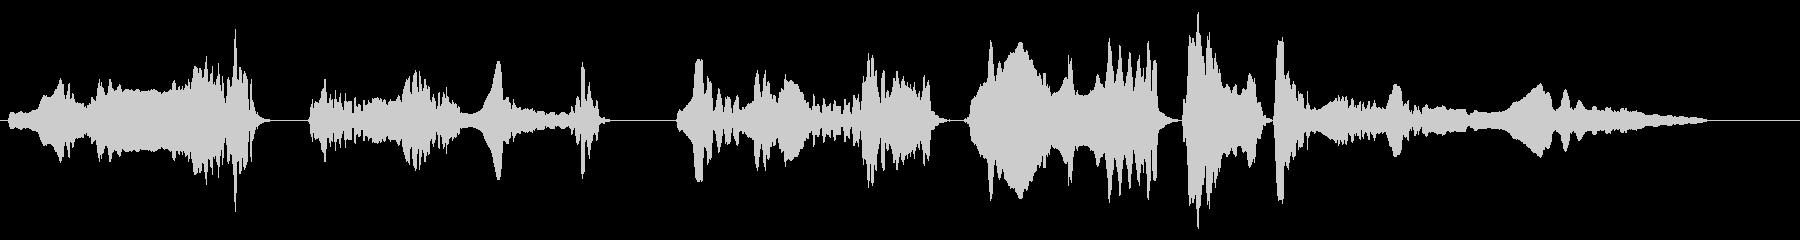 尺八の独奏 生演奏 和風のシーンなど 1の未再生の波形